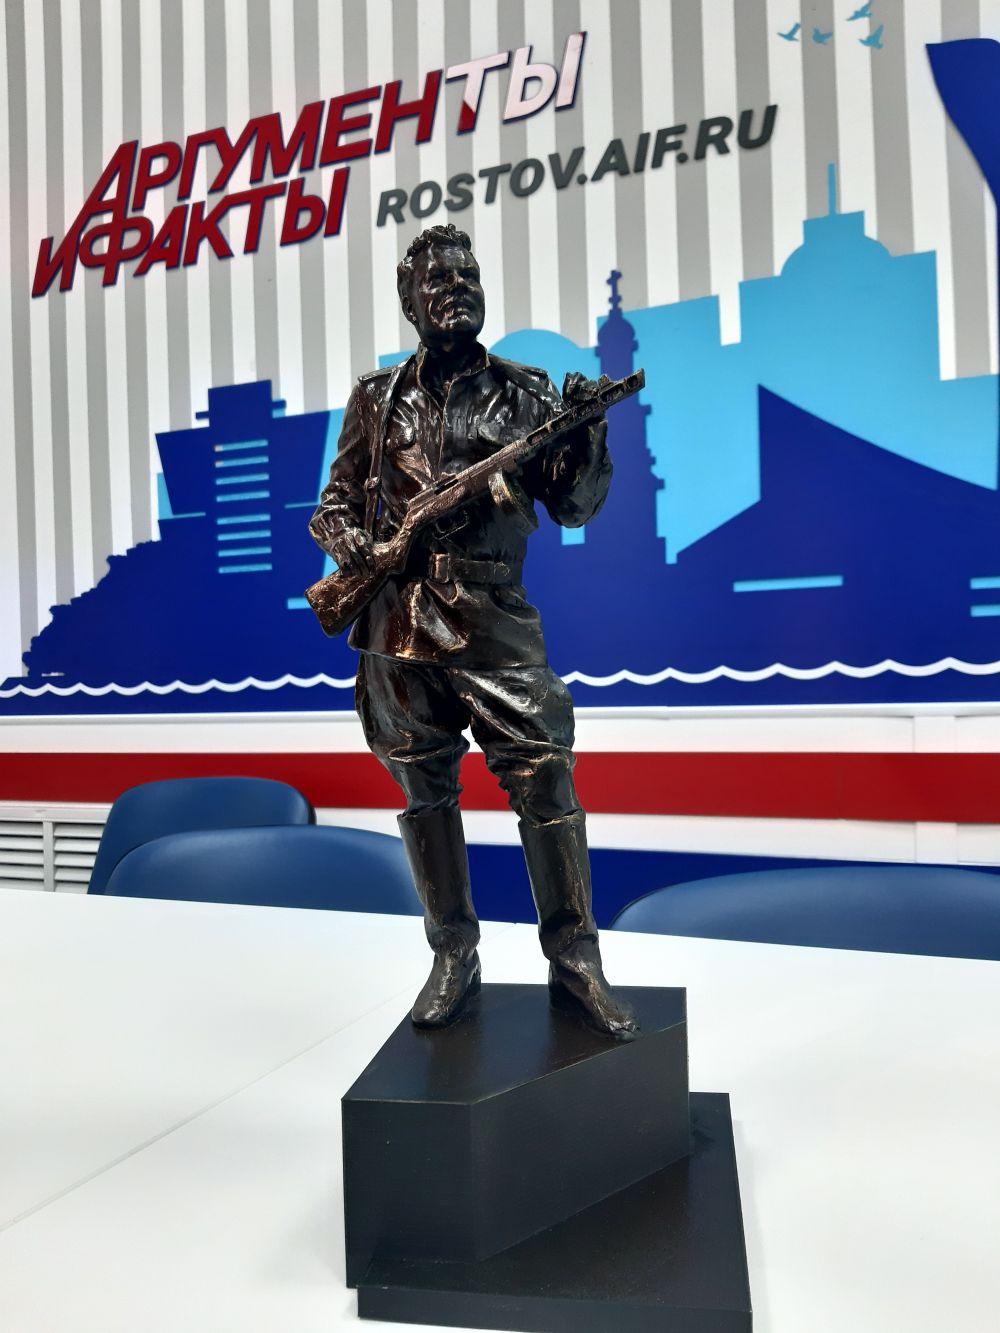 Эскиз памятника Михаилу Пуговкину